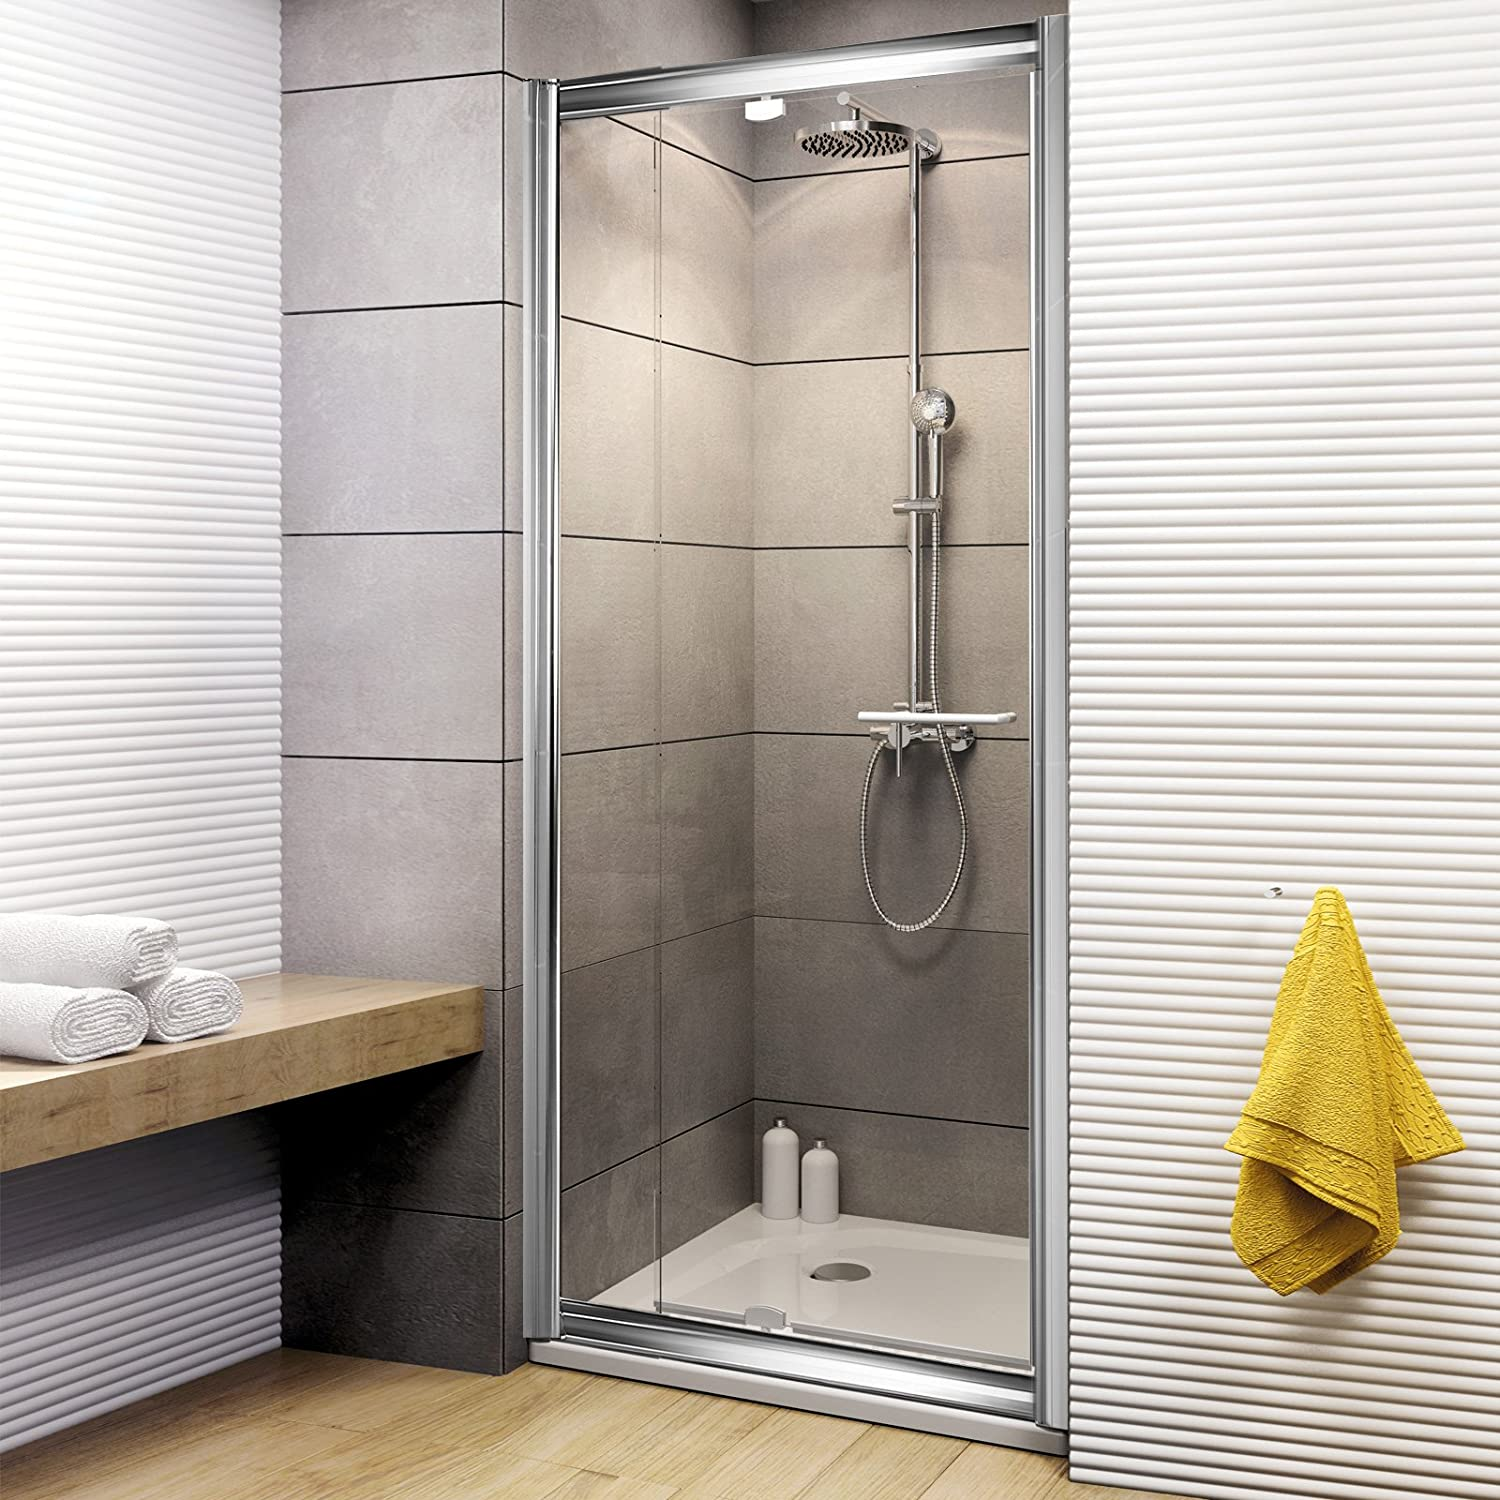 Schulte Duschkabine Drehtür Nische Vita, 79-91x185 cm, 5 mm Sicherheits-Glas klar, chrom-optik, ausziehbare Duschtür